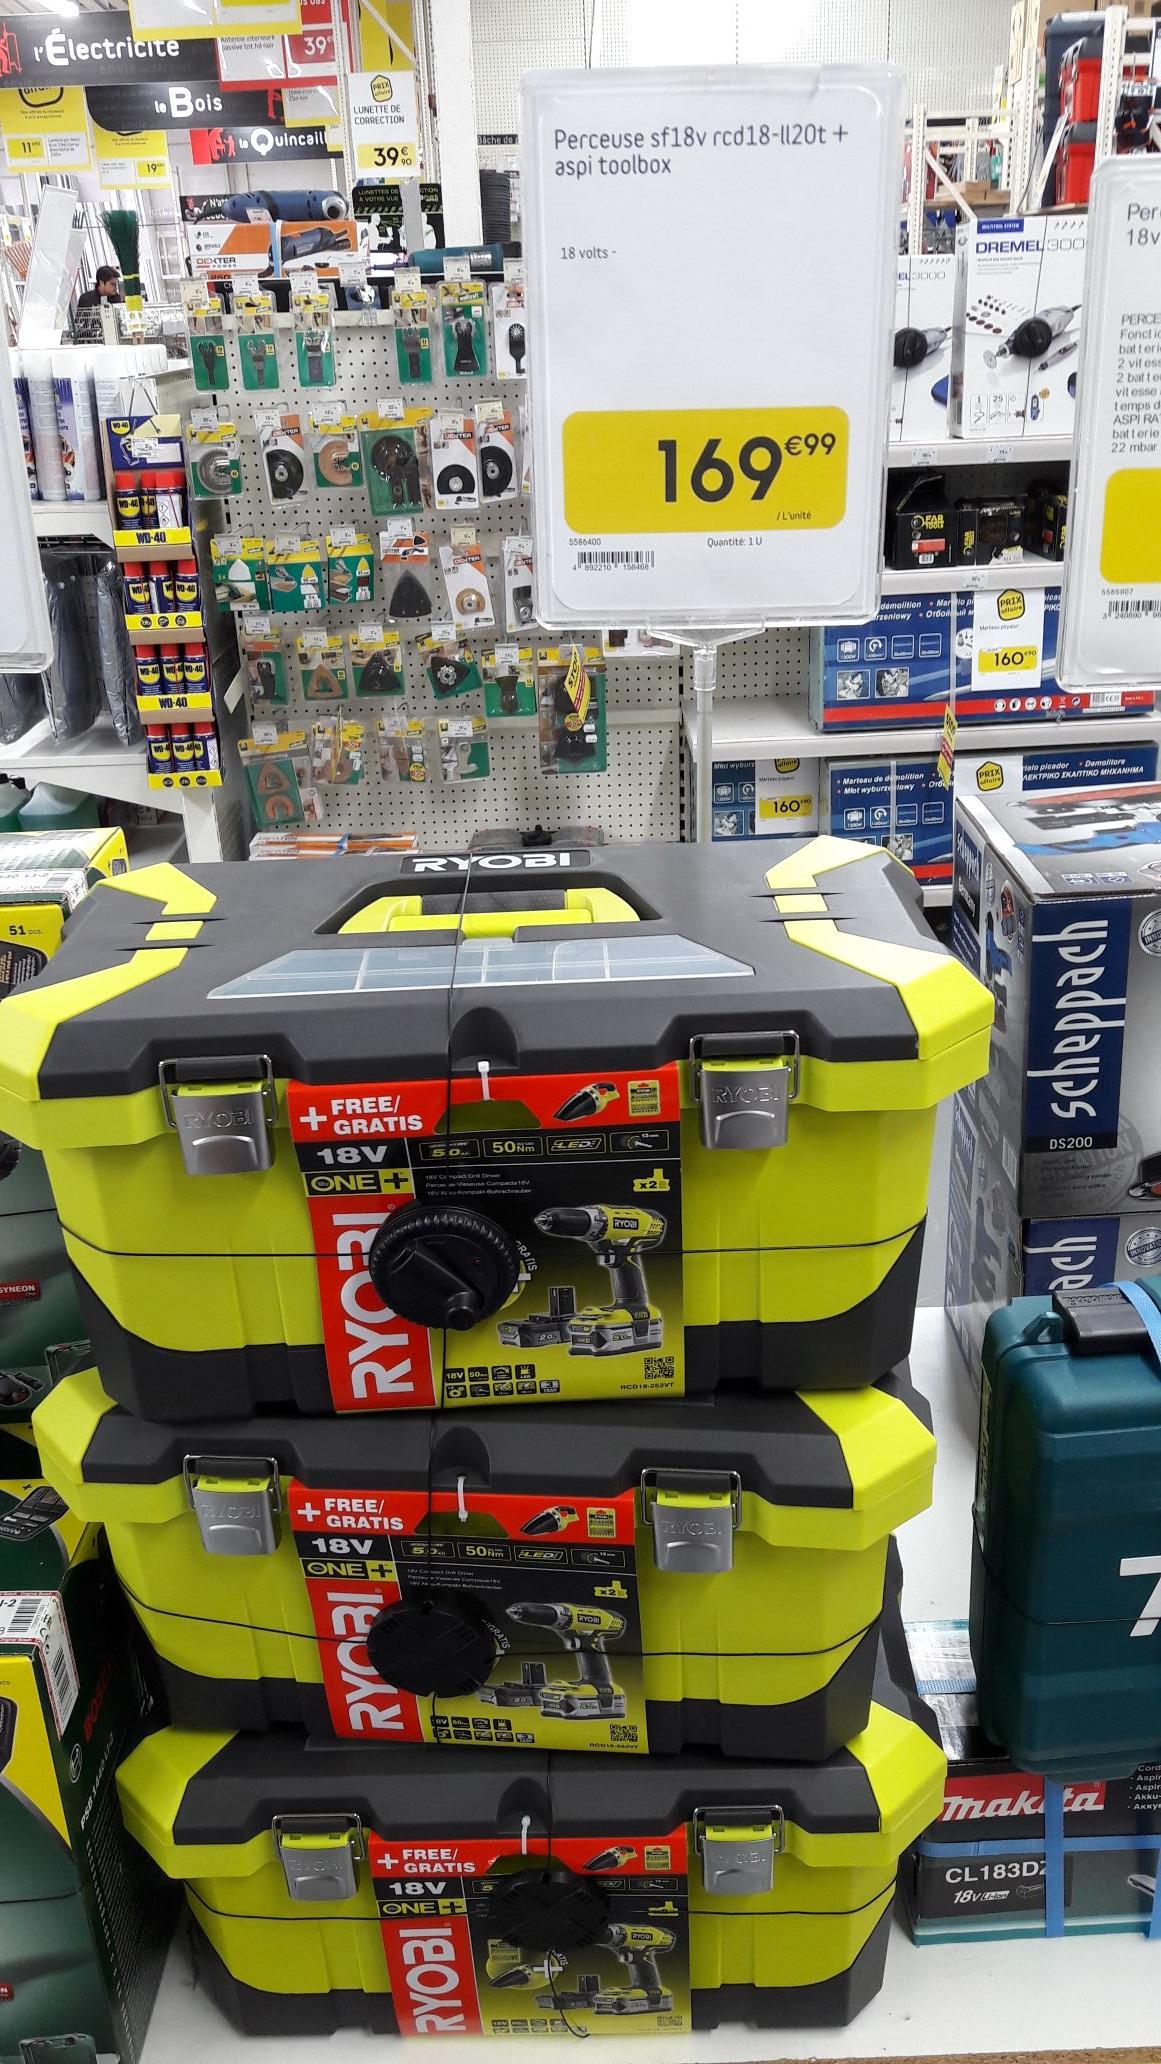 Perceuse visseuse Ryobi 18v + aspirateur à main sans-fil + 1 batterie de 5.0ah et 1 de 2.0ah (weldom)